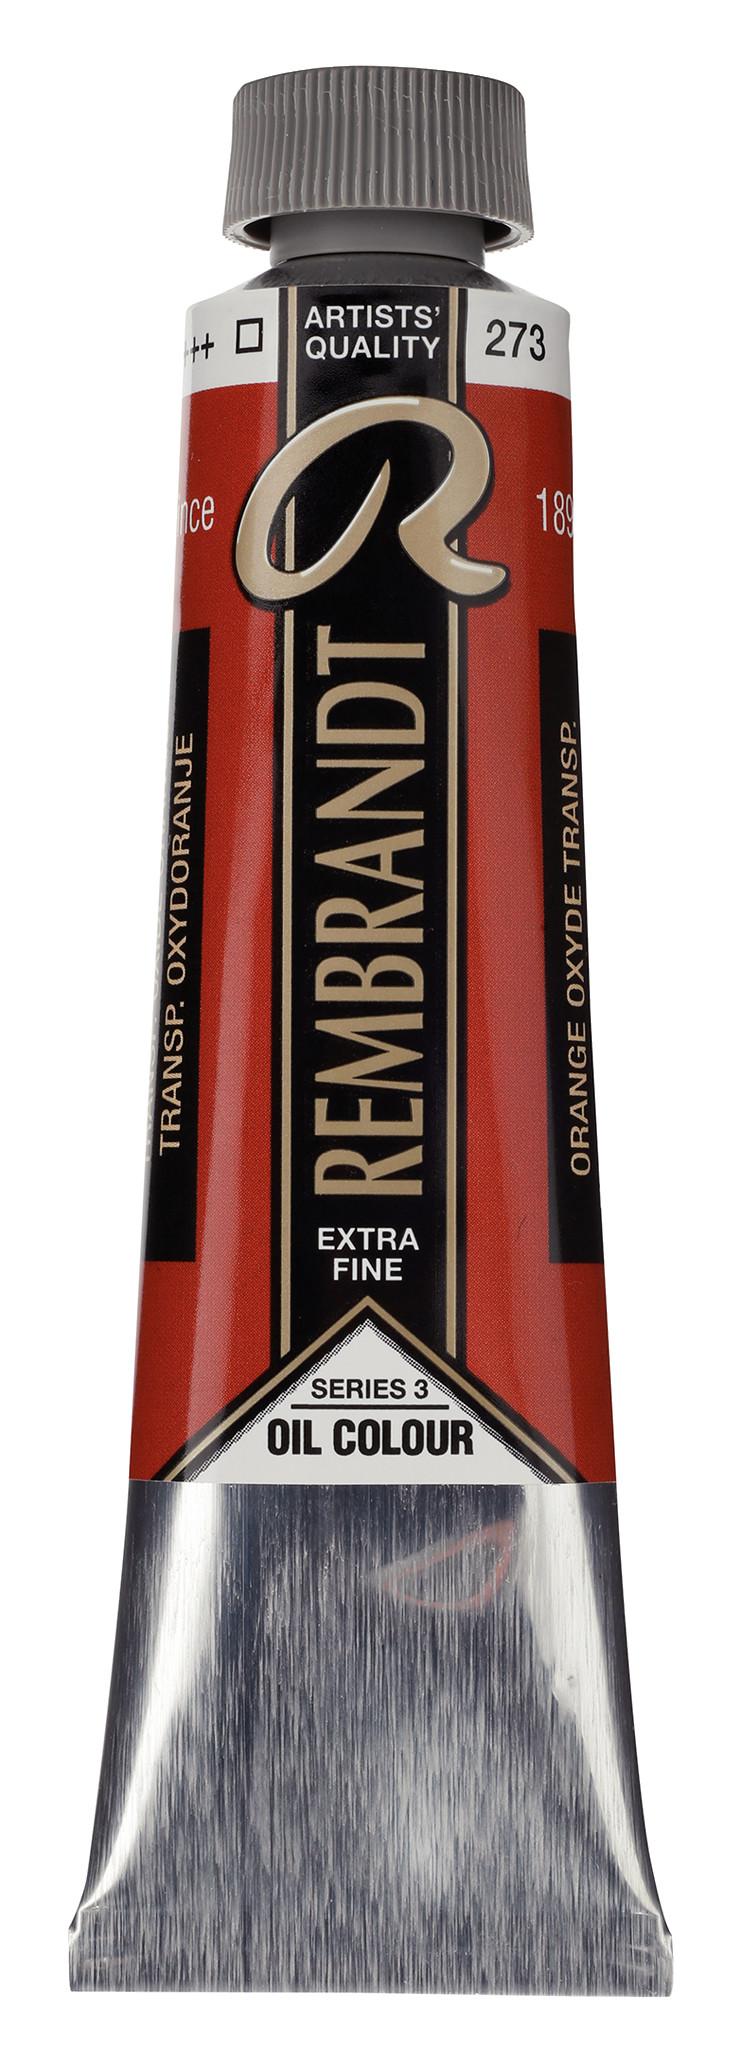 Rembrandt Oil colour Paint Transparent Oxide Orange (273) 40ml Tube